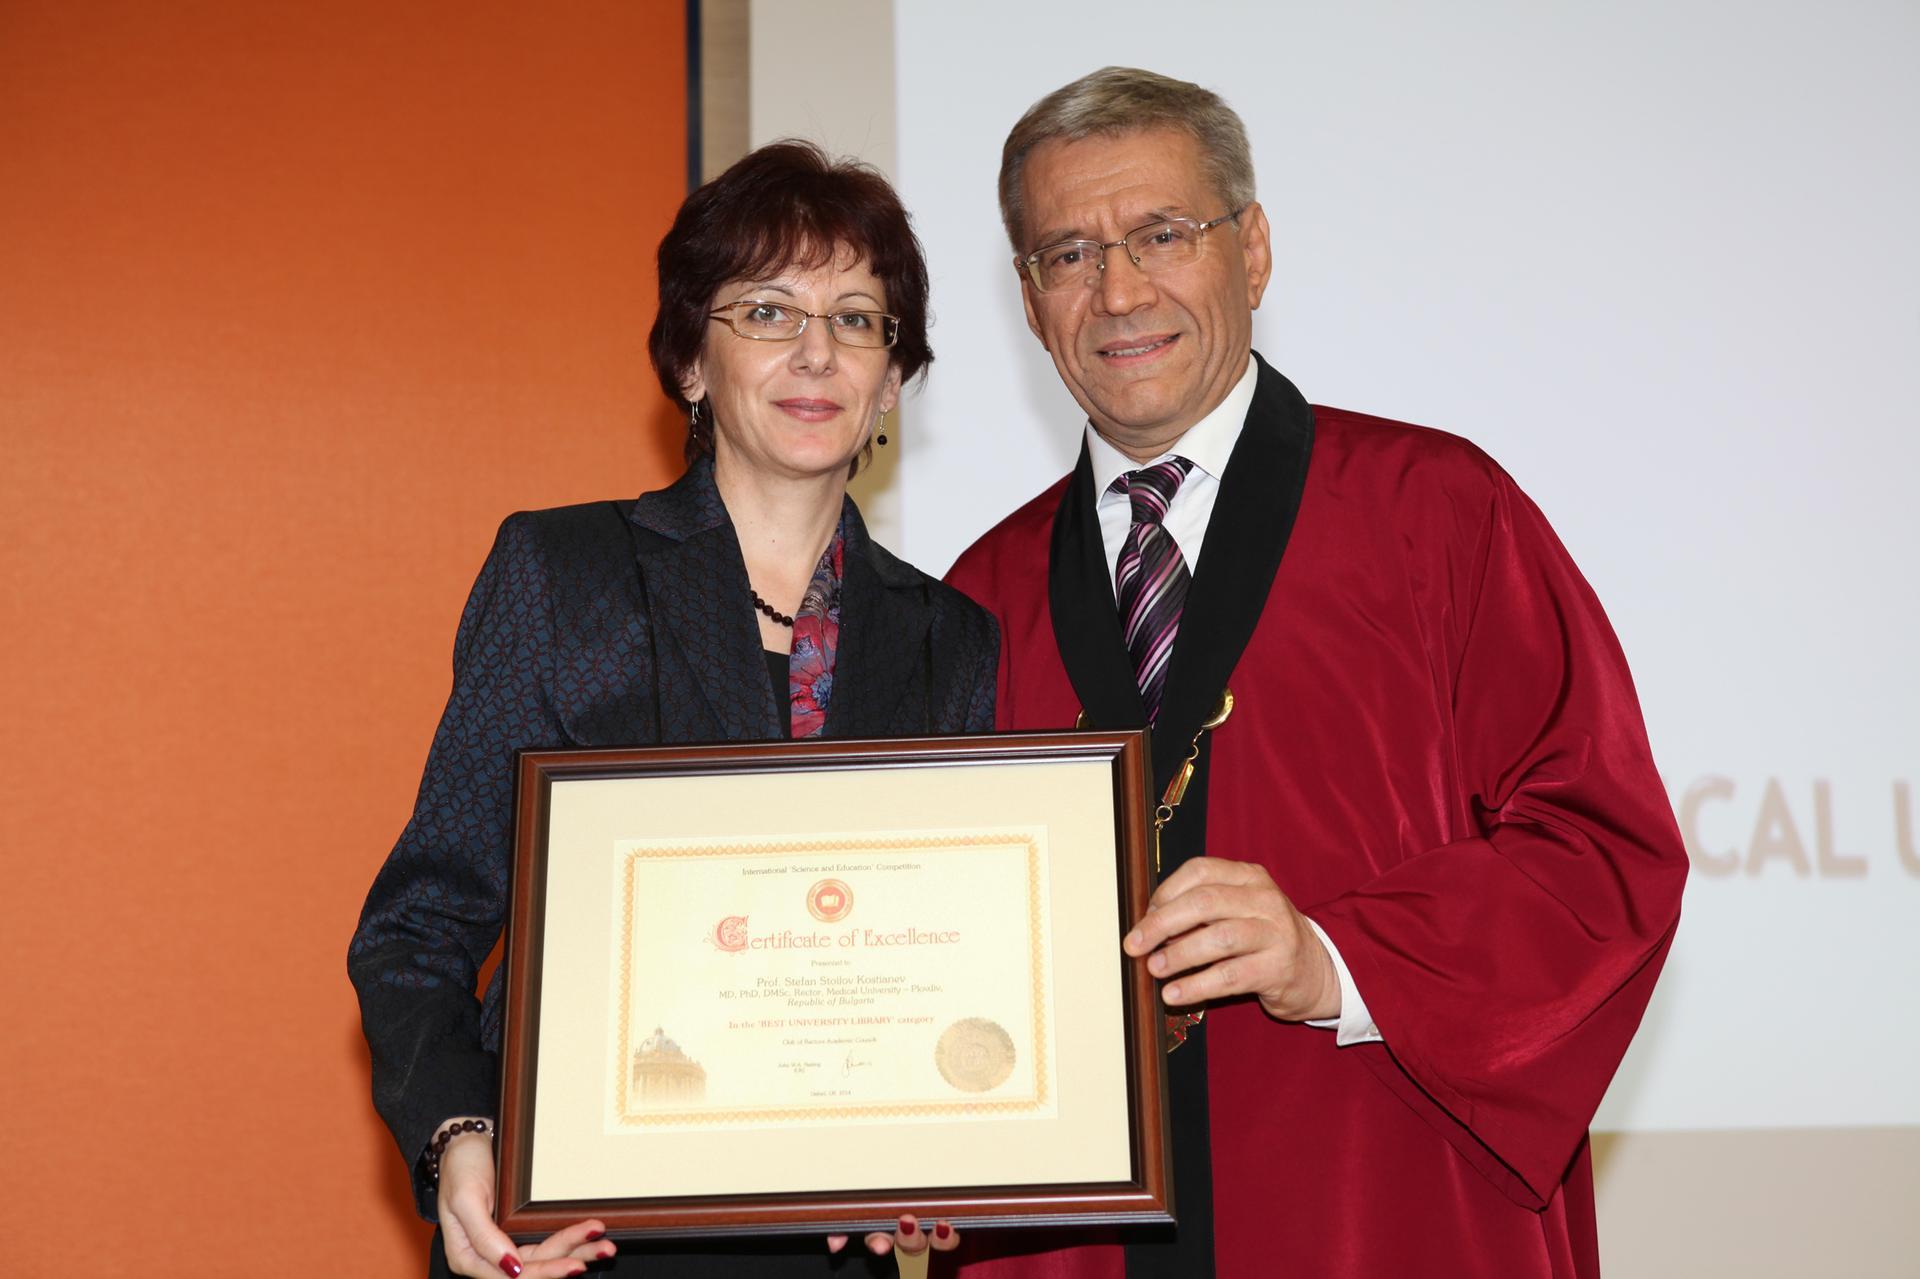 """Връчване на сертификат """"Най-добра университетска библиотека"""""""